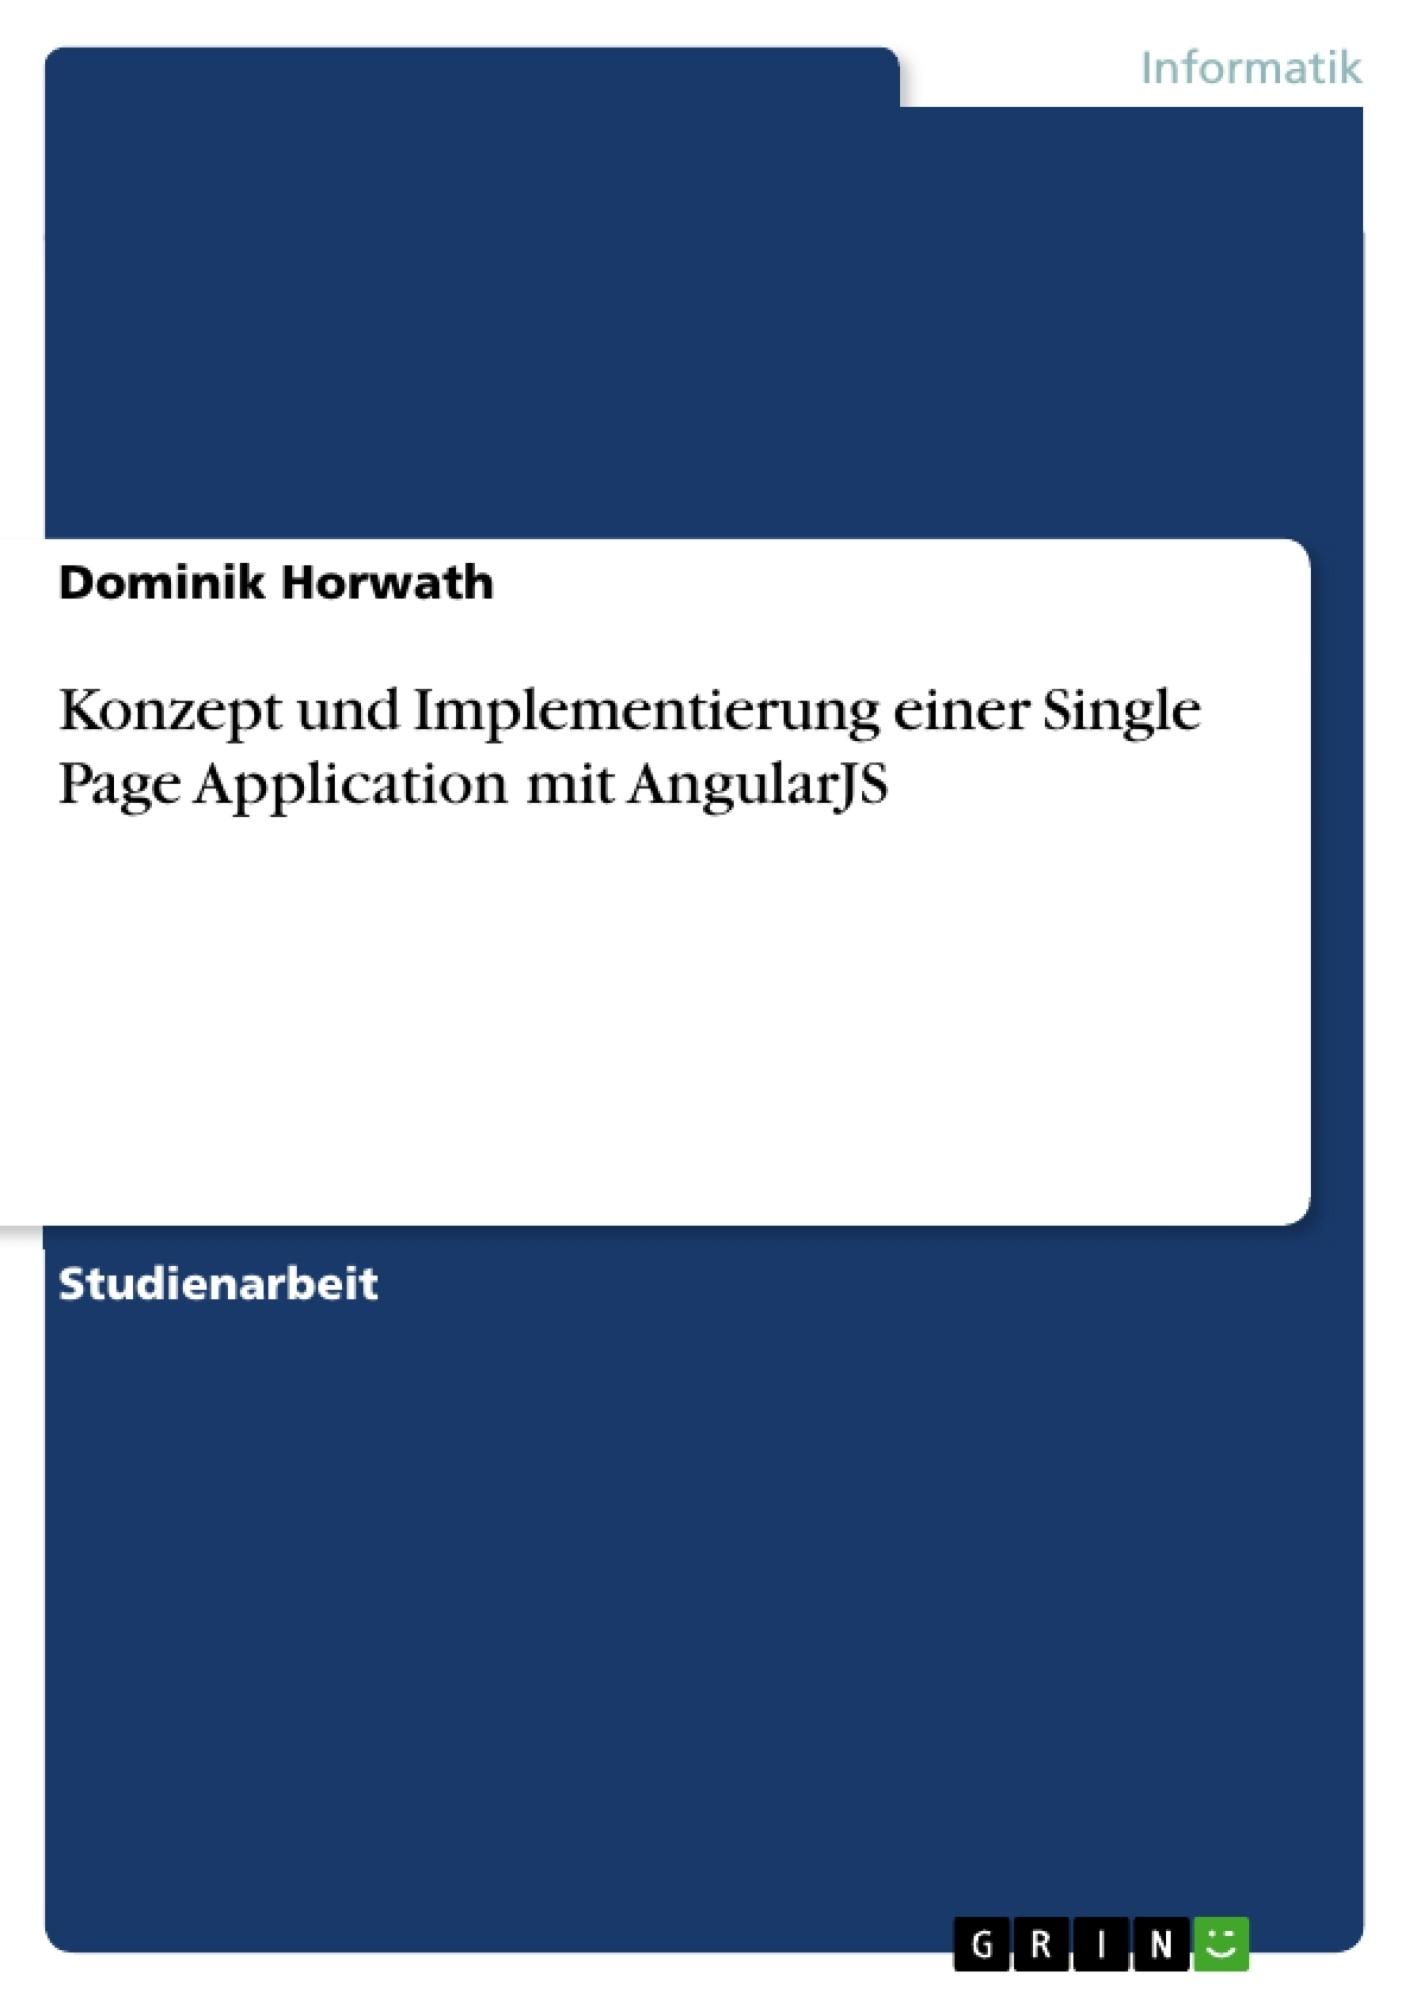 Titel: Konzept und Implementierung einer Single Page Application mit AngularJS